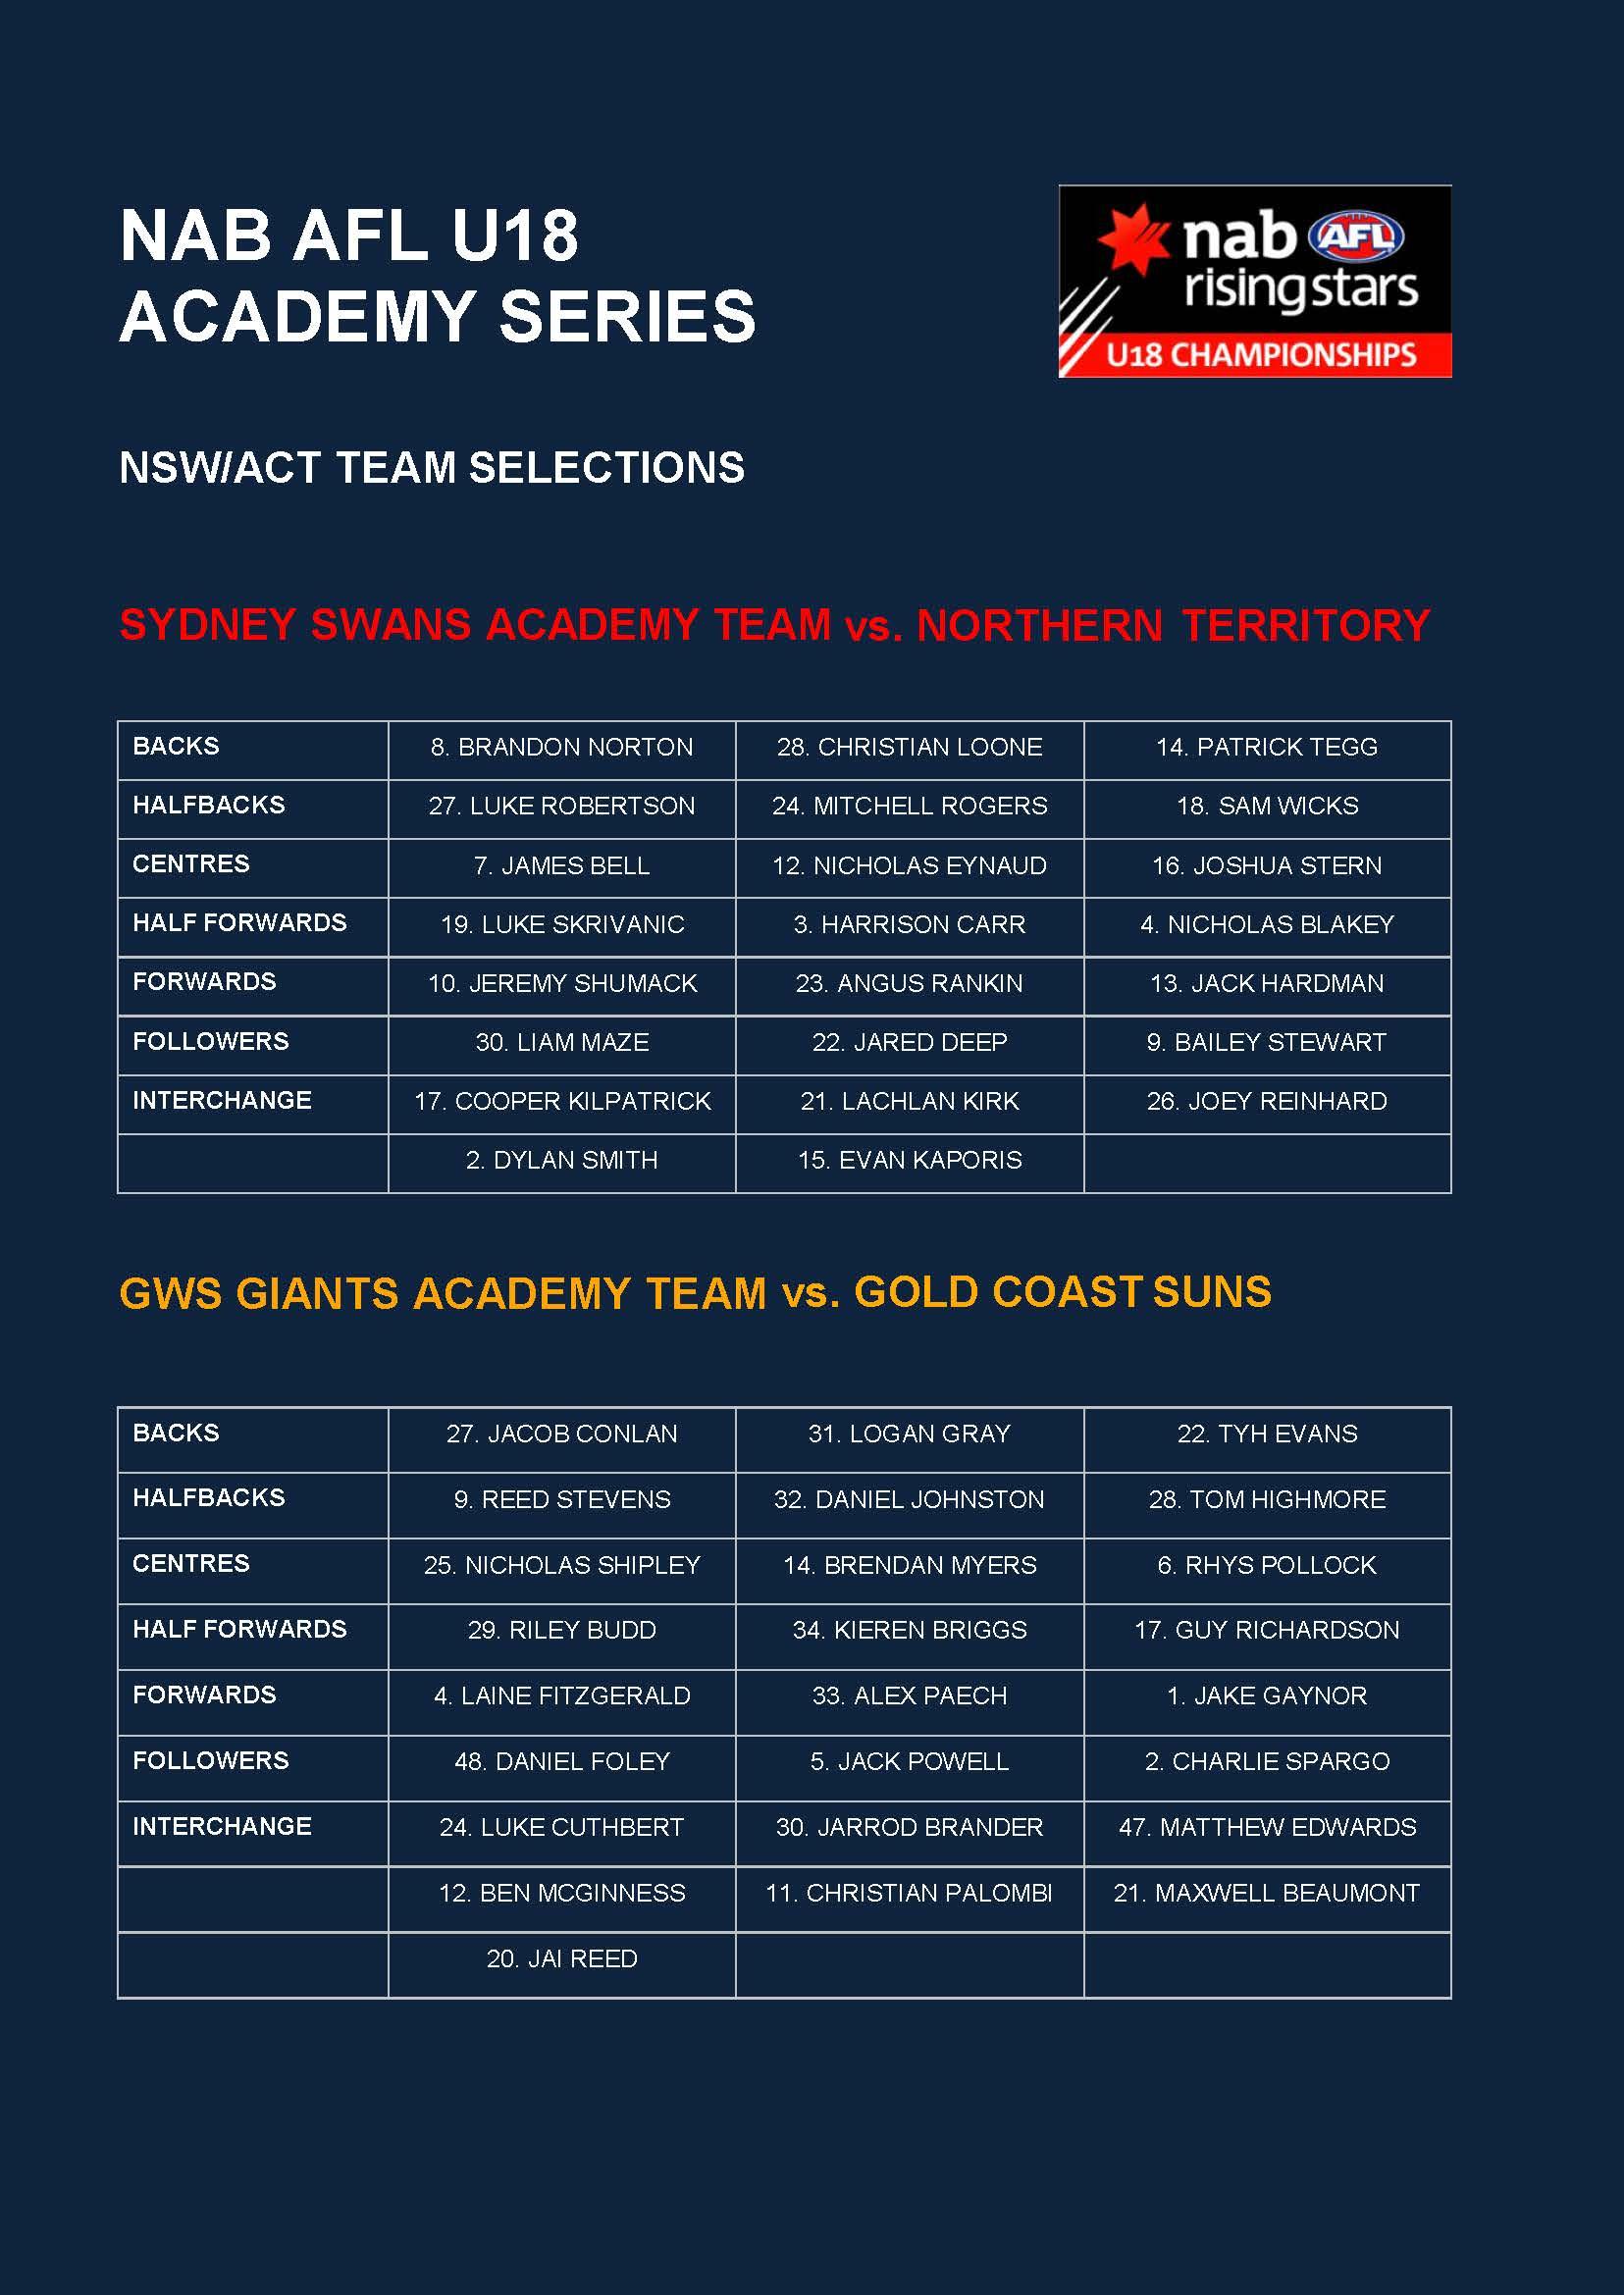 170330 - U18 Academy Selections 2